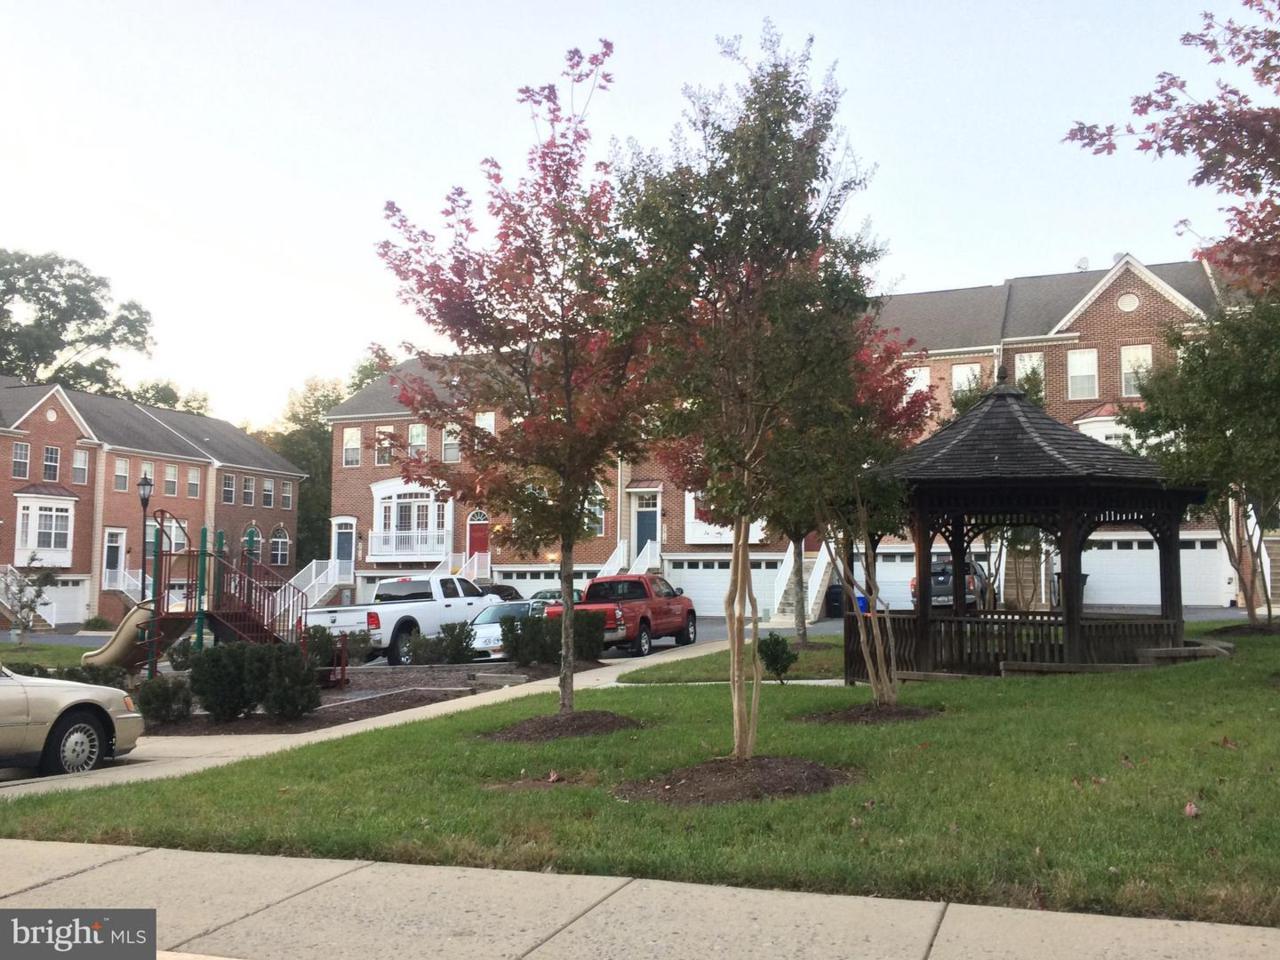 3914 Bryant Park Circle - Photo 1